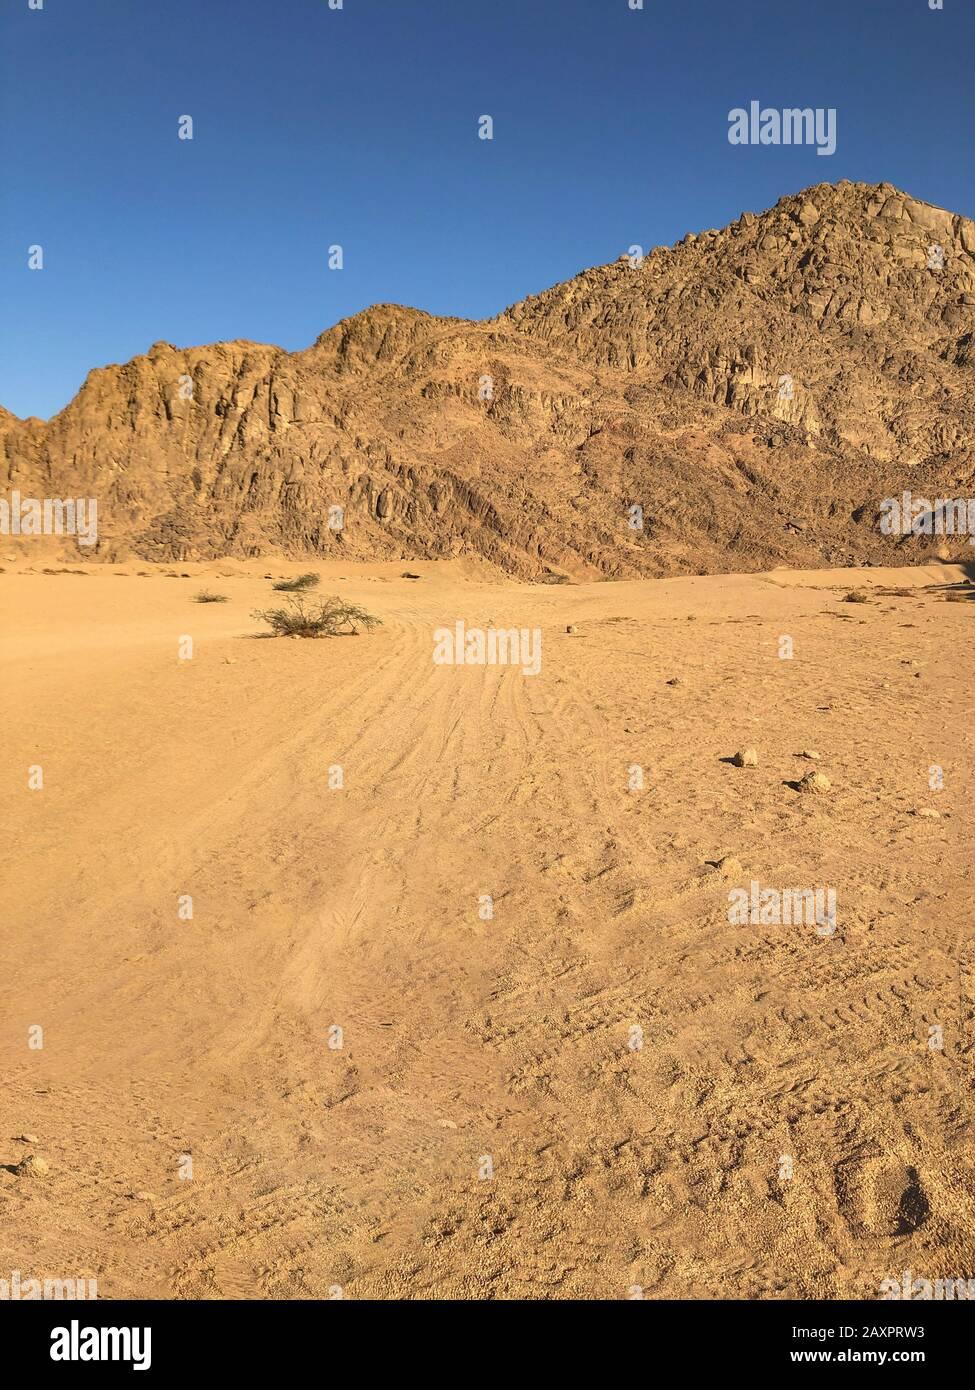 Désert avec montagnes. Egypte. Ciel bleu clair Banque D'Images